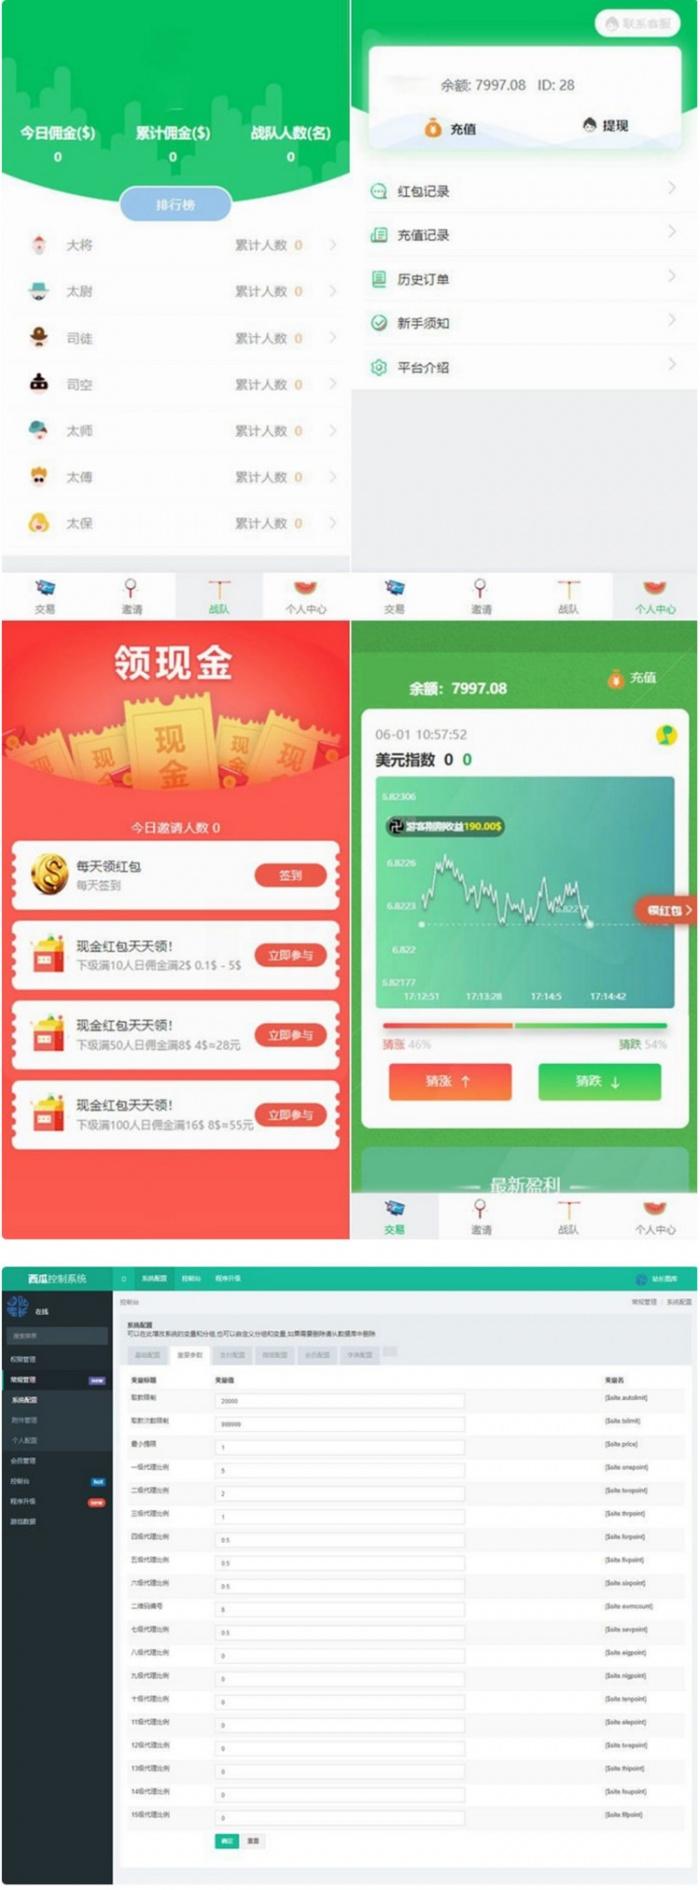 西瓜小清新币圈推广K线正常完美源码 免公众号版+对接支付